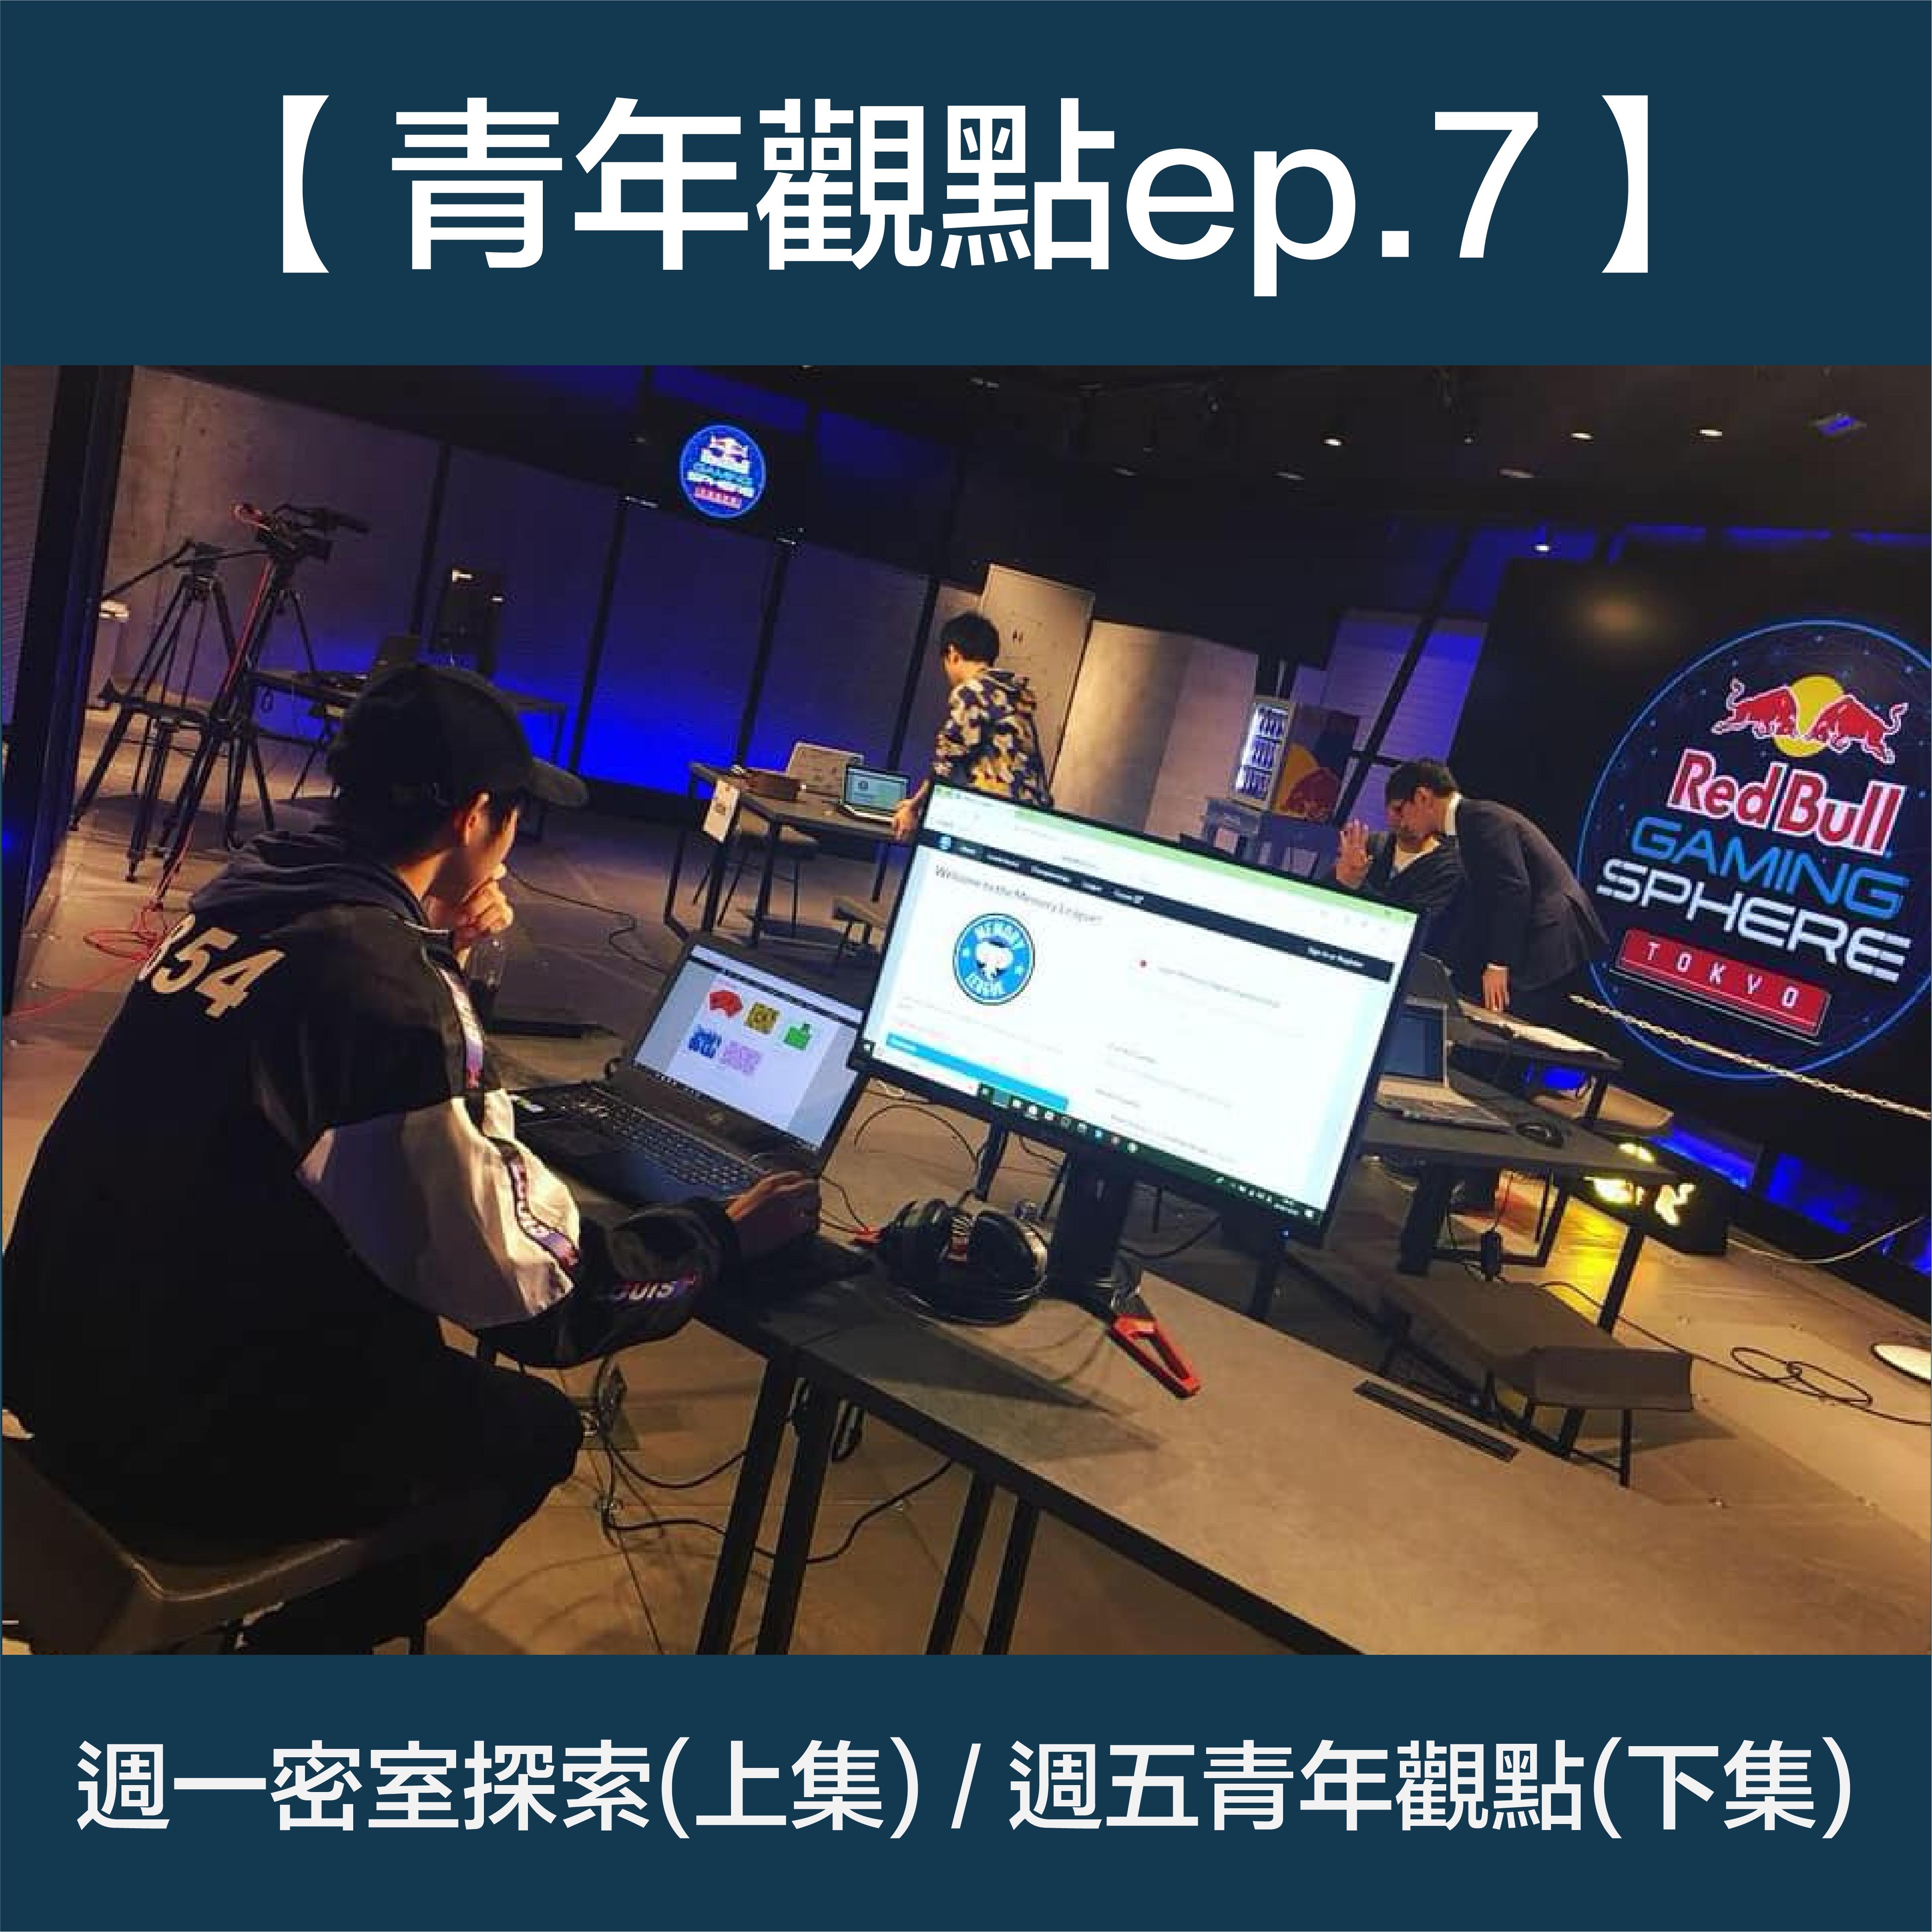 【青年觀點ep.7】年紀輕輕當上國際記憶大師,破了四十多個台灣紀錄之後呢?feat.何俊霖